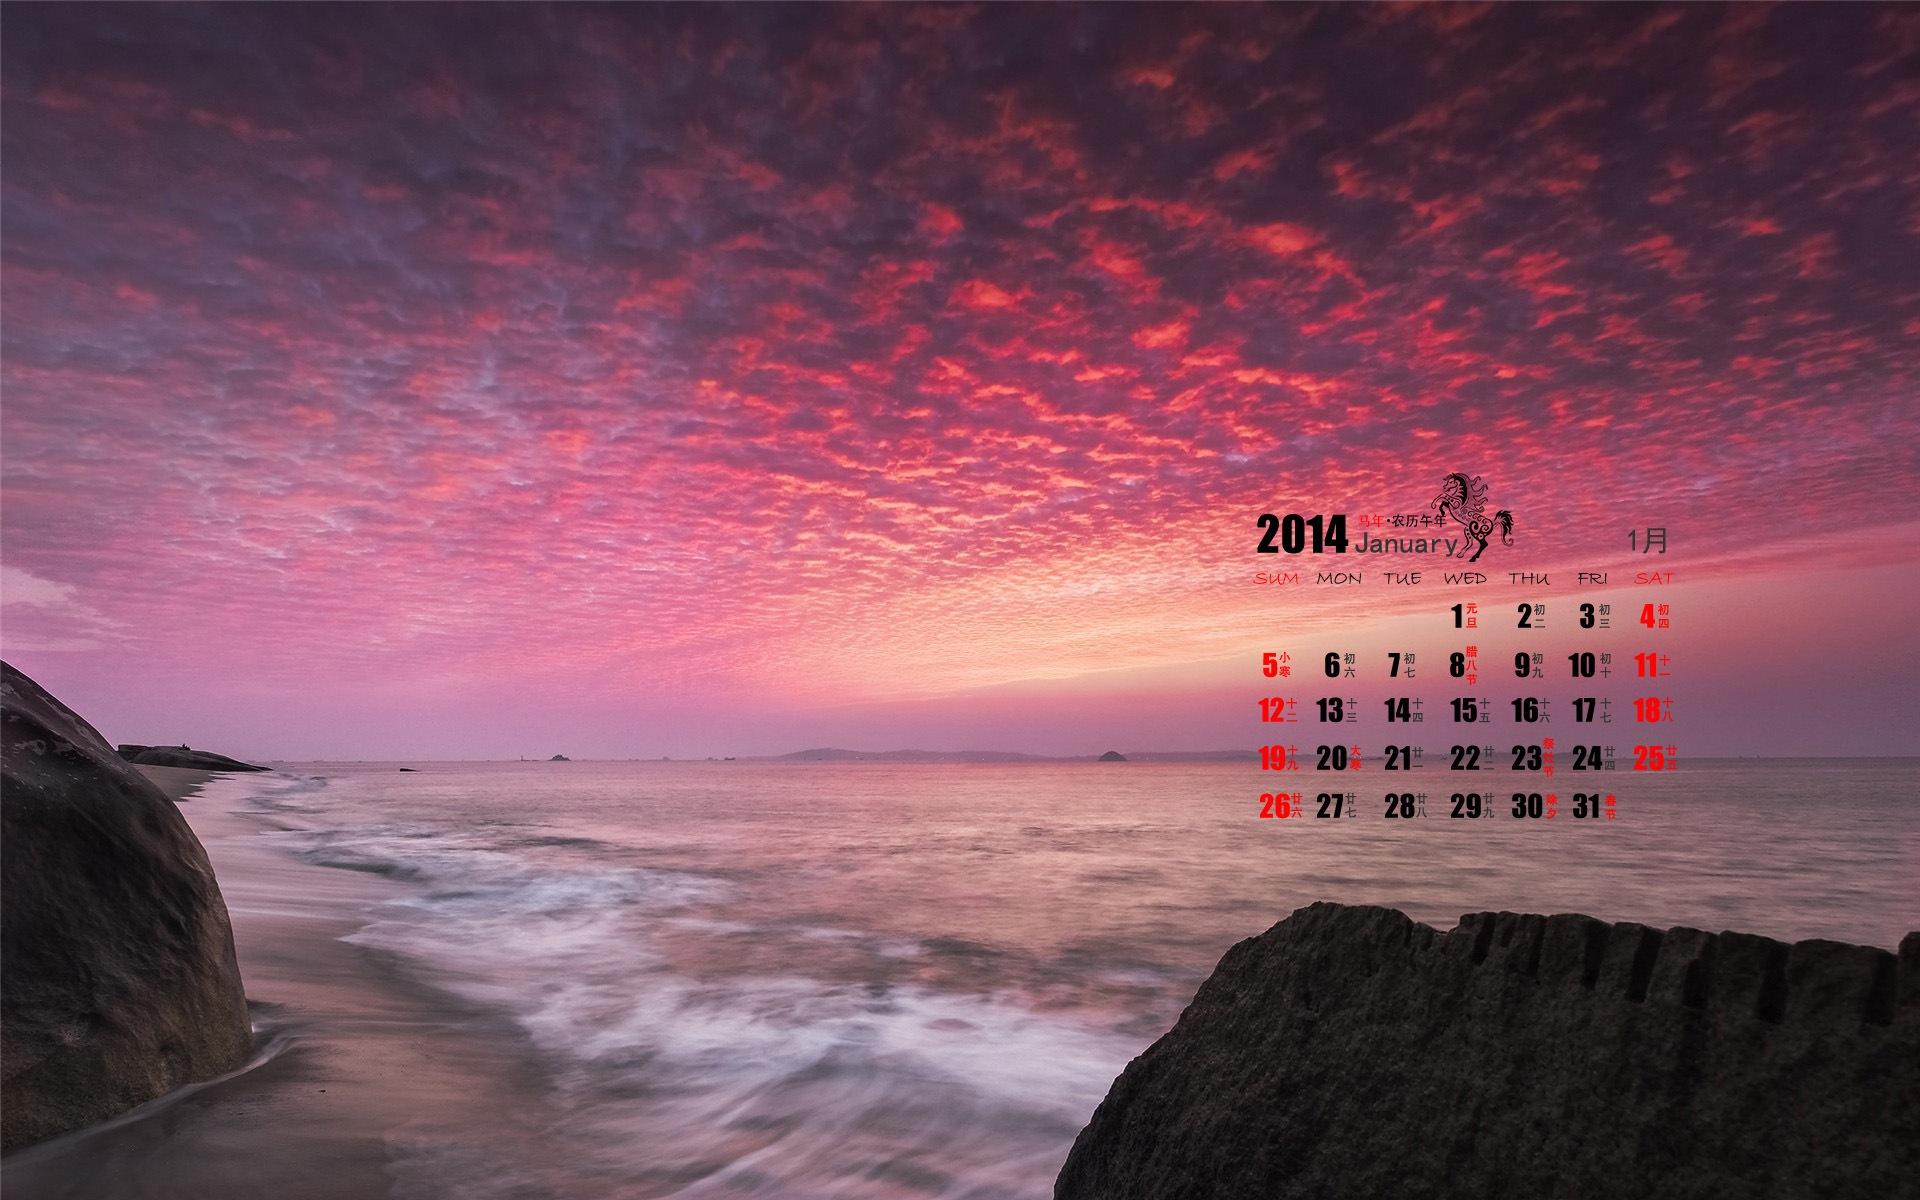 カレンダー 2014年1月カレンダー : 2014年1月カレンダー壁紙(1) #7 ...